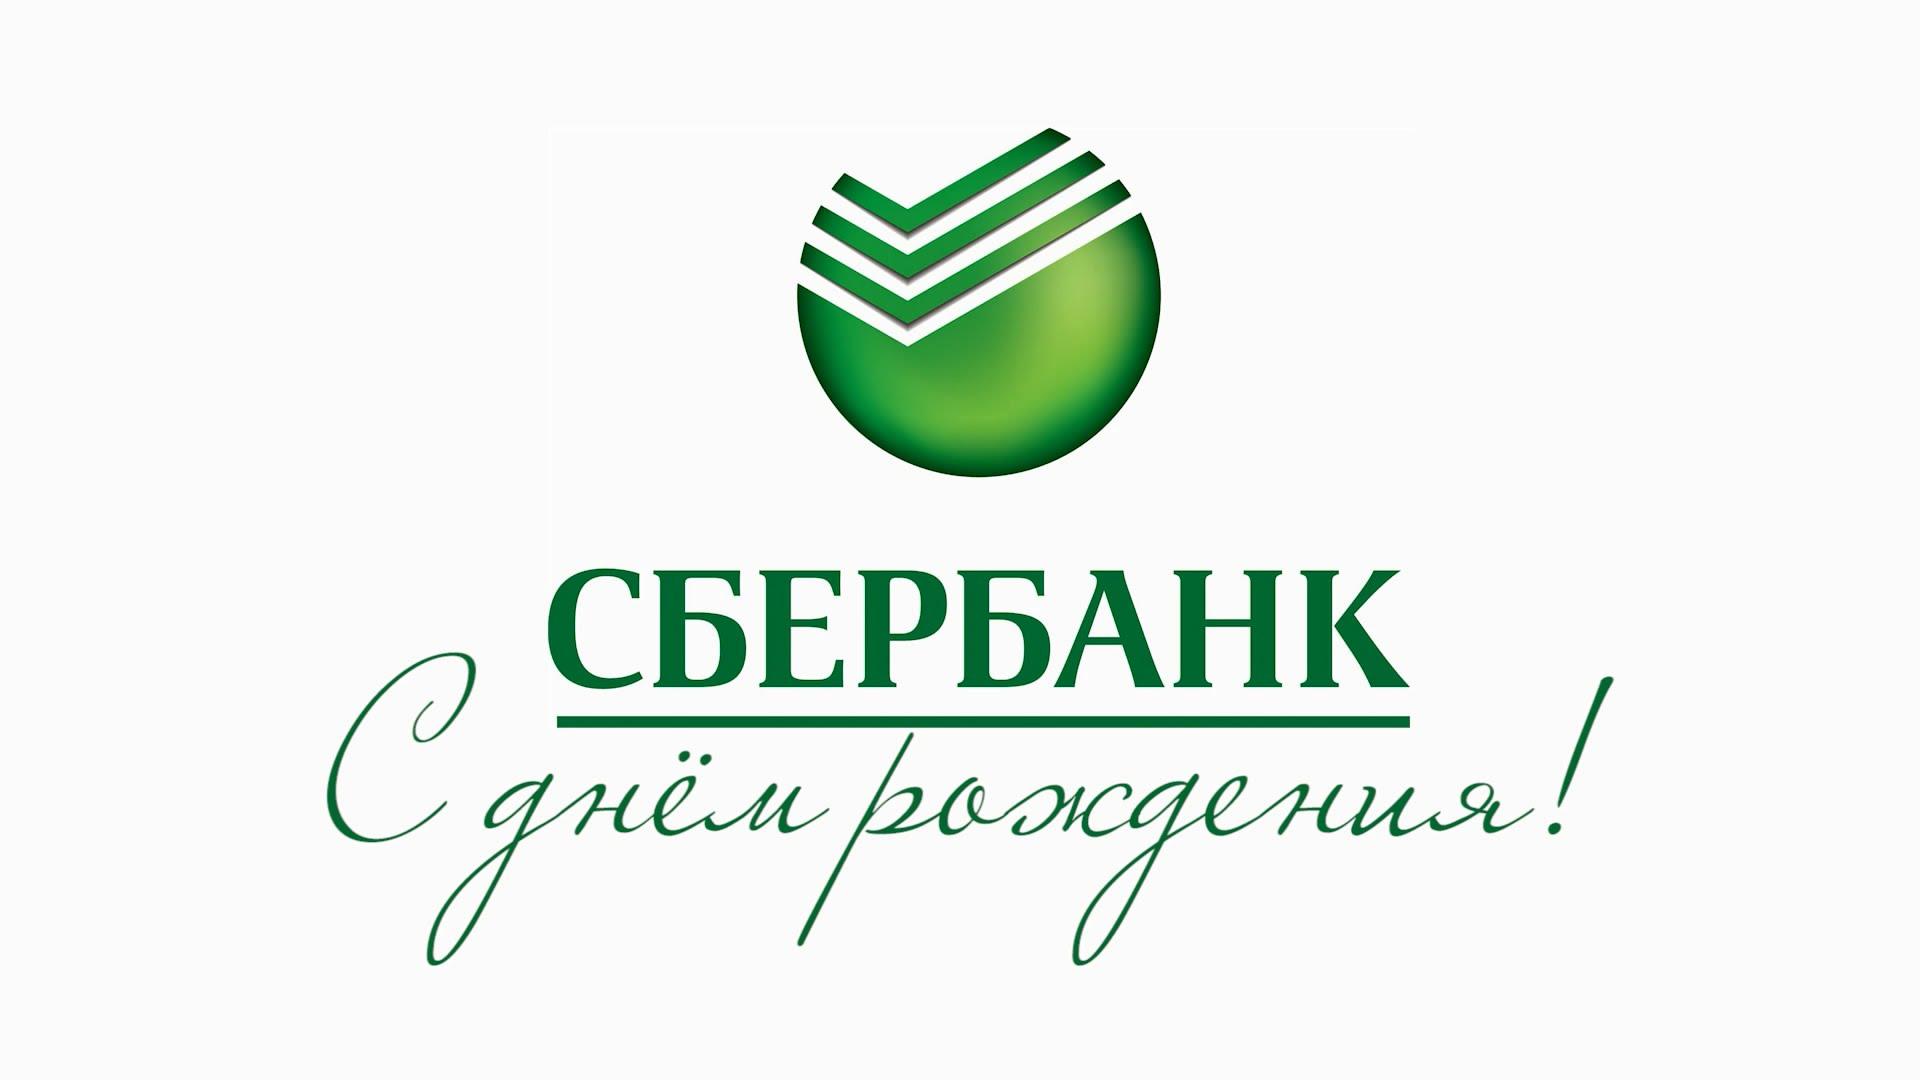 12 ноября - День работников Сбербанка России